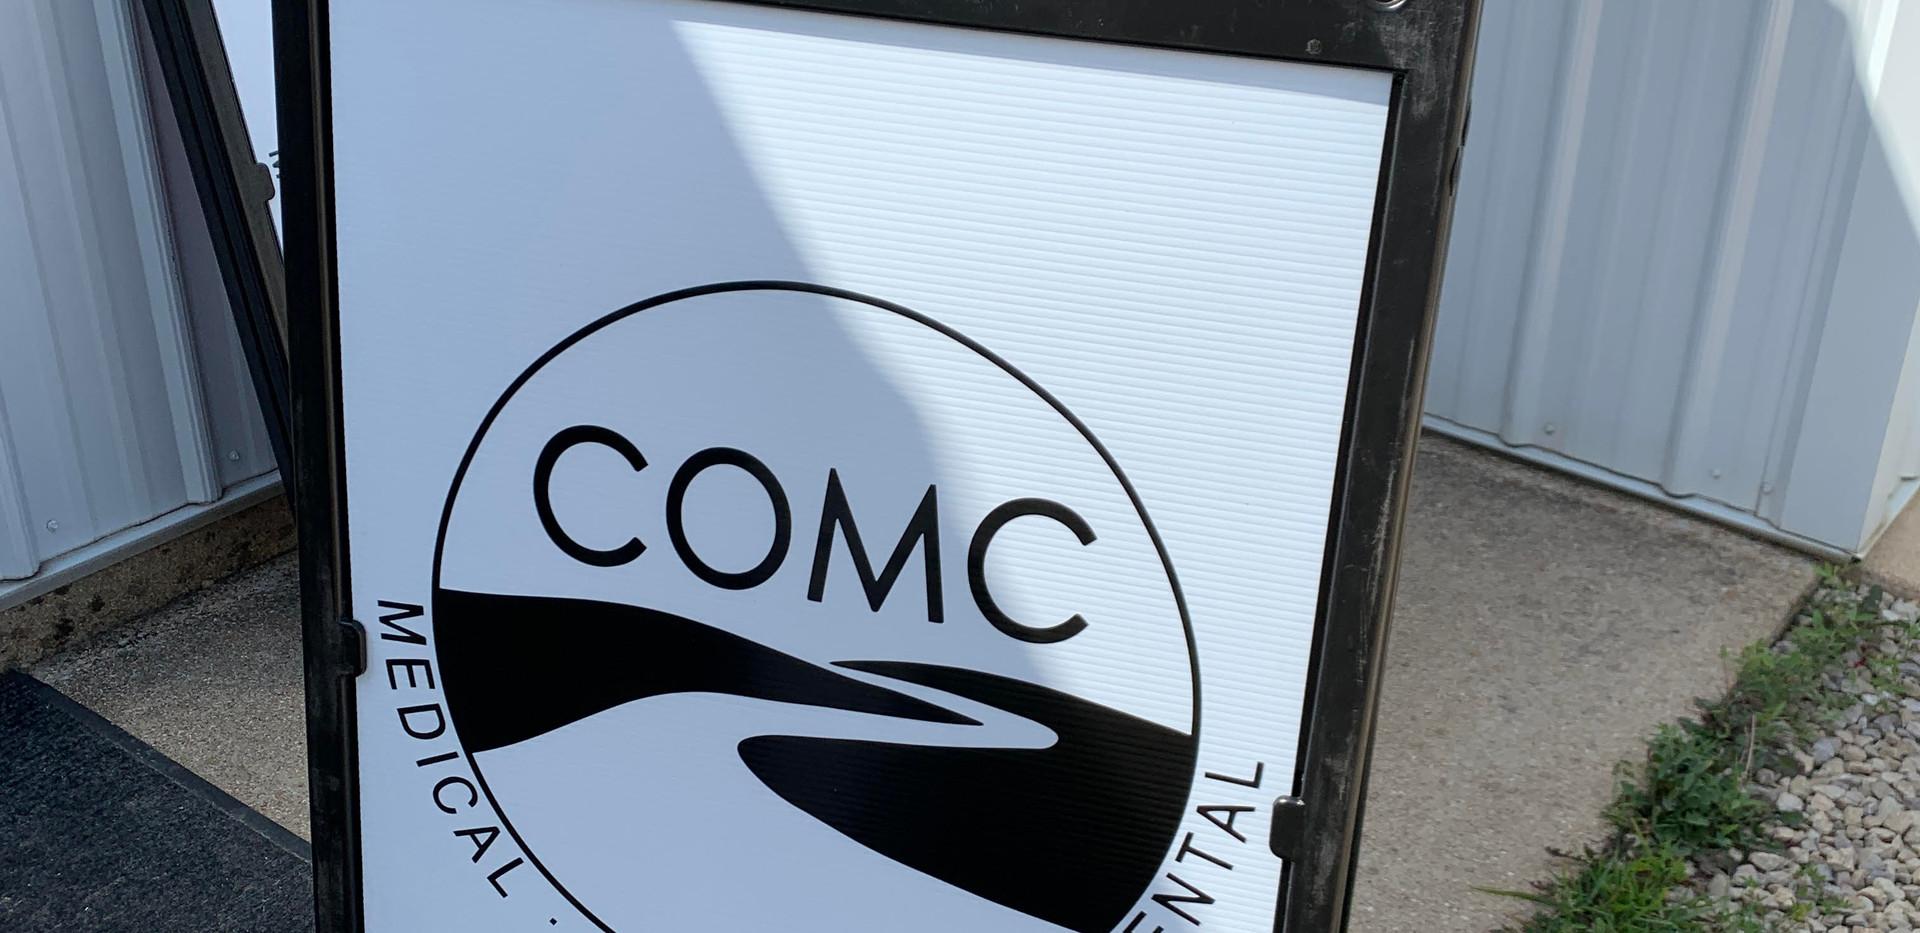 COMC Sidewalk Signs